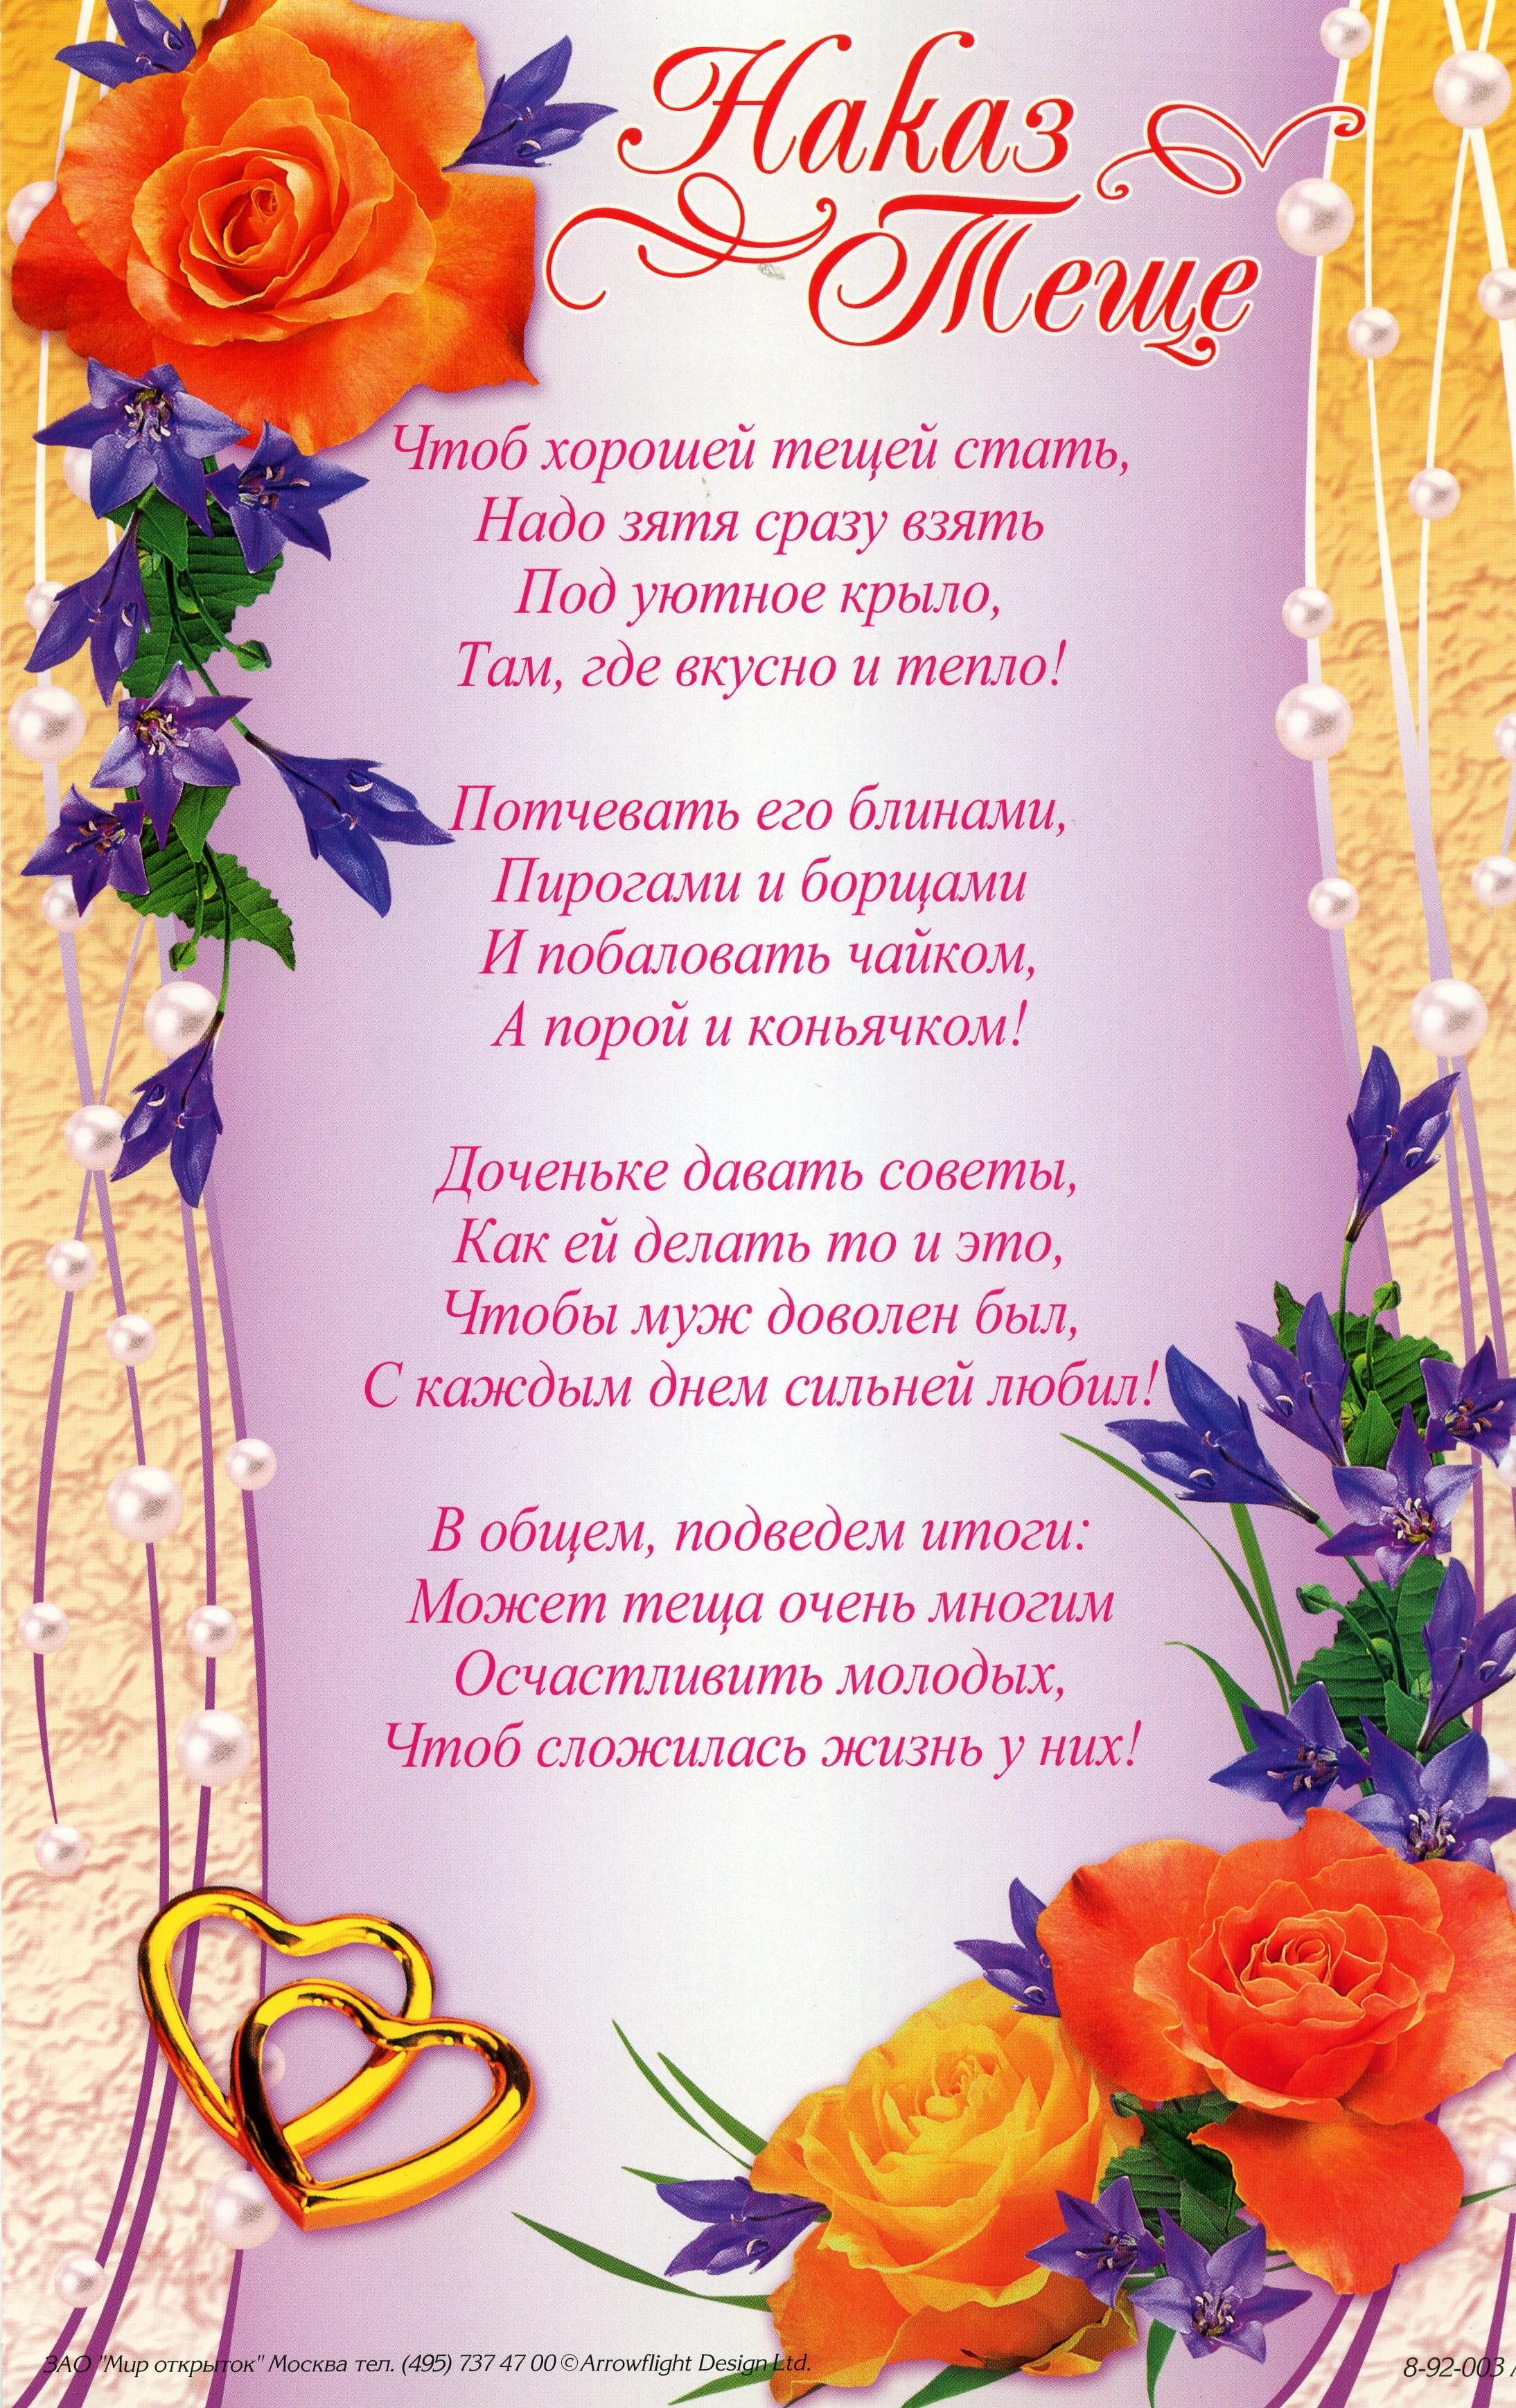 Свадебное поздравление тестю и свекру